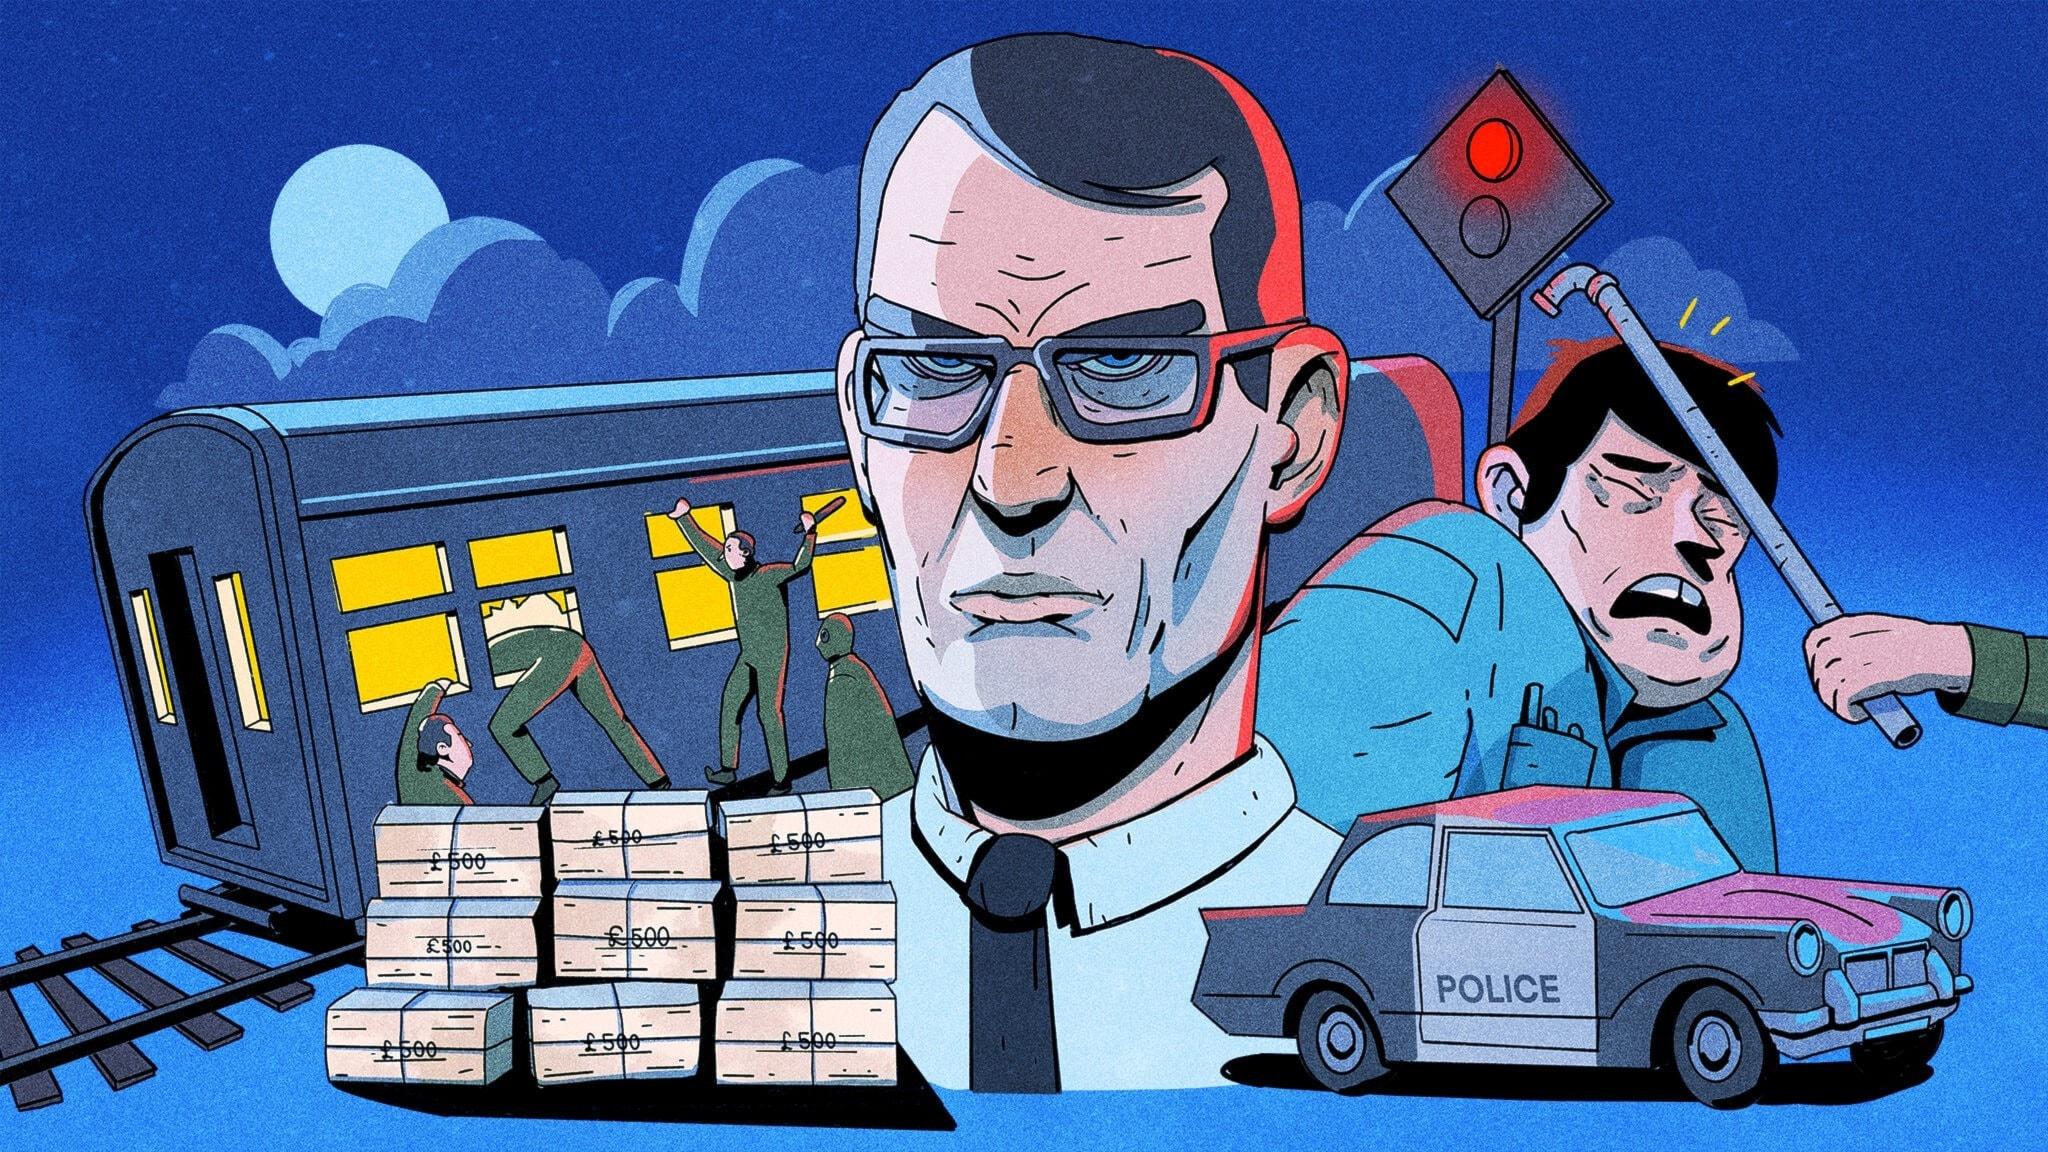 Det stora tågrånet - ett tåg har stannat för en trafiksignal och fem rånare är på väg in i tåget. Illustration: Pablo Lind